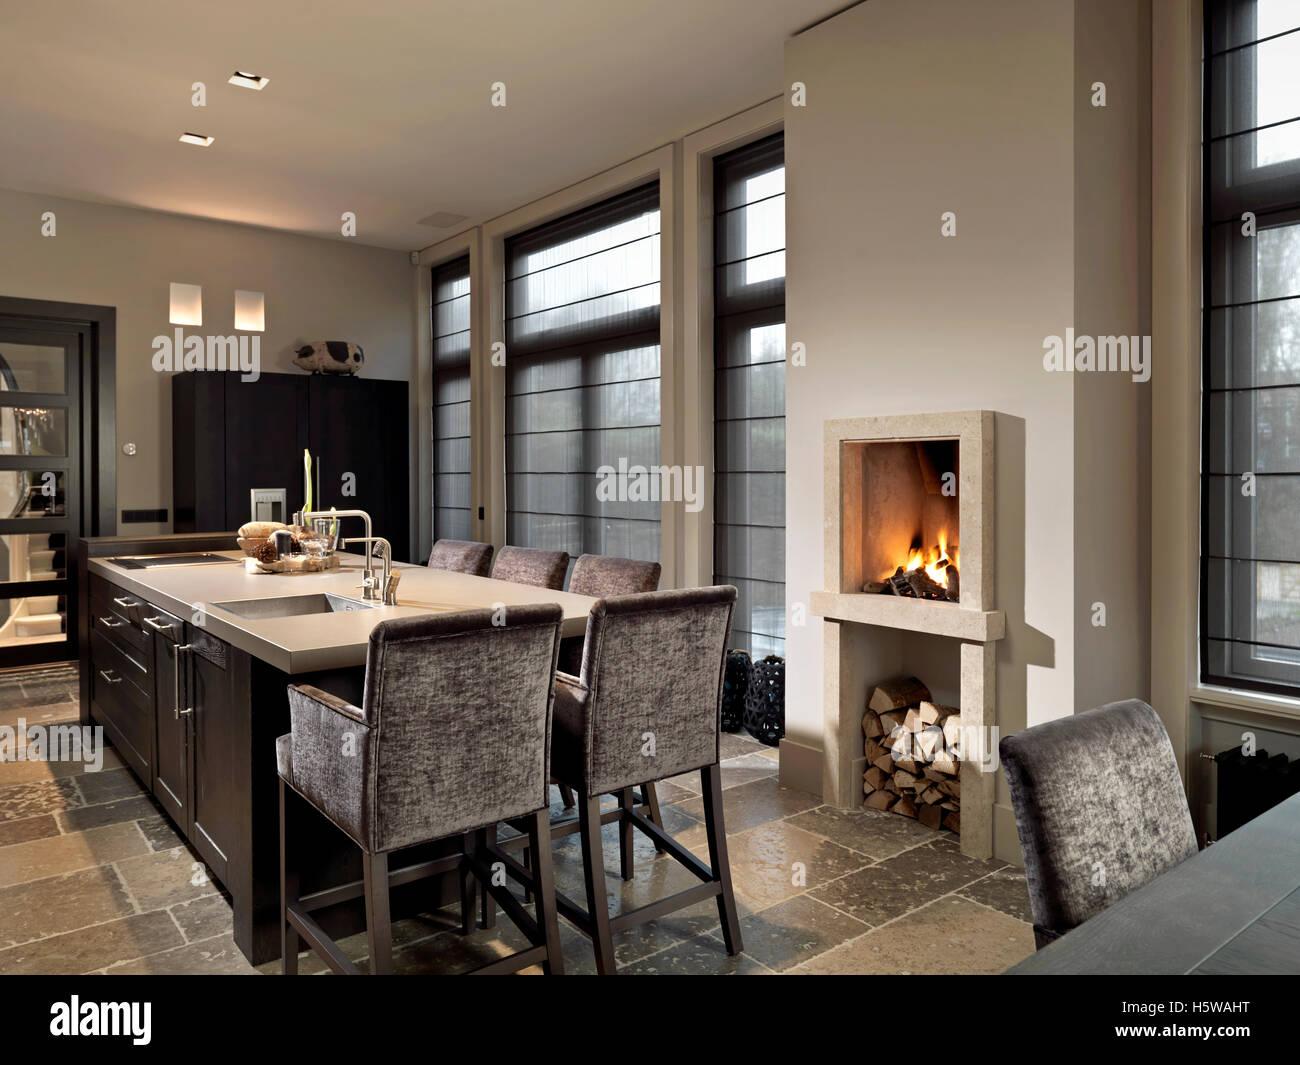 Il camino in cucina con tavolo Foto & Immagine Stock: 124102996 - Alamy